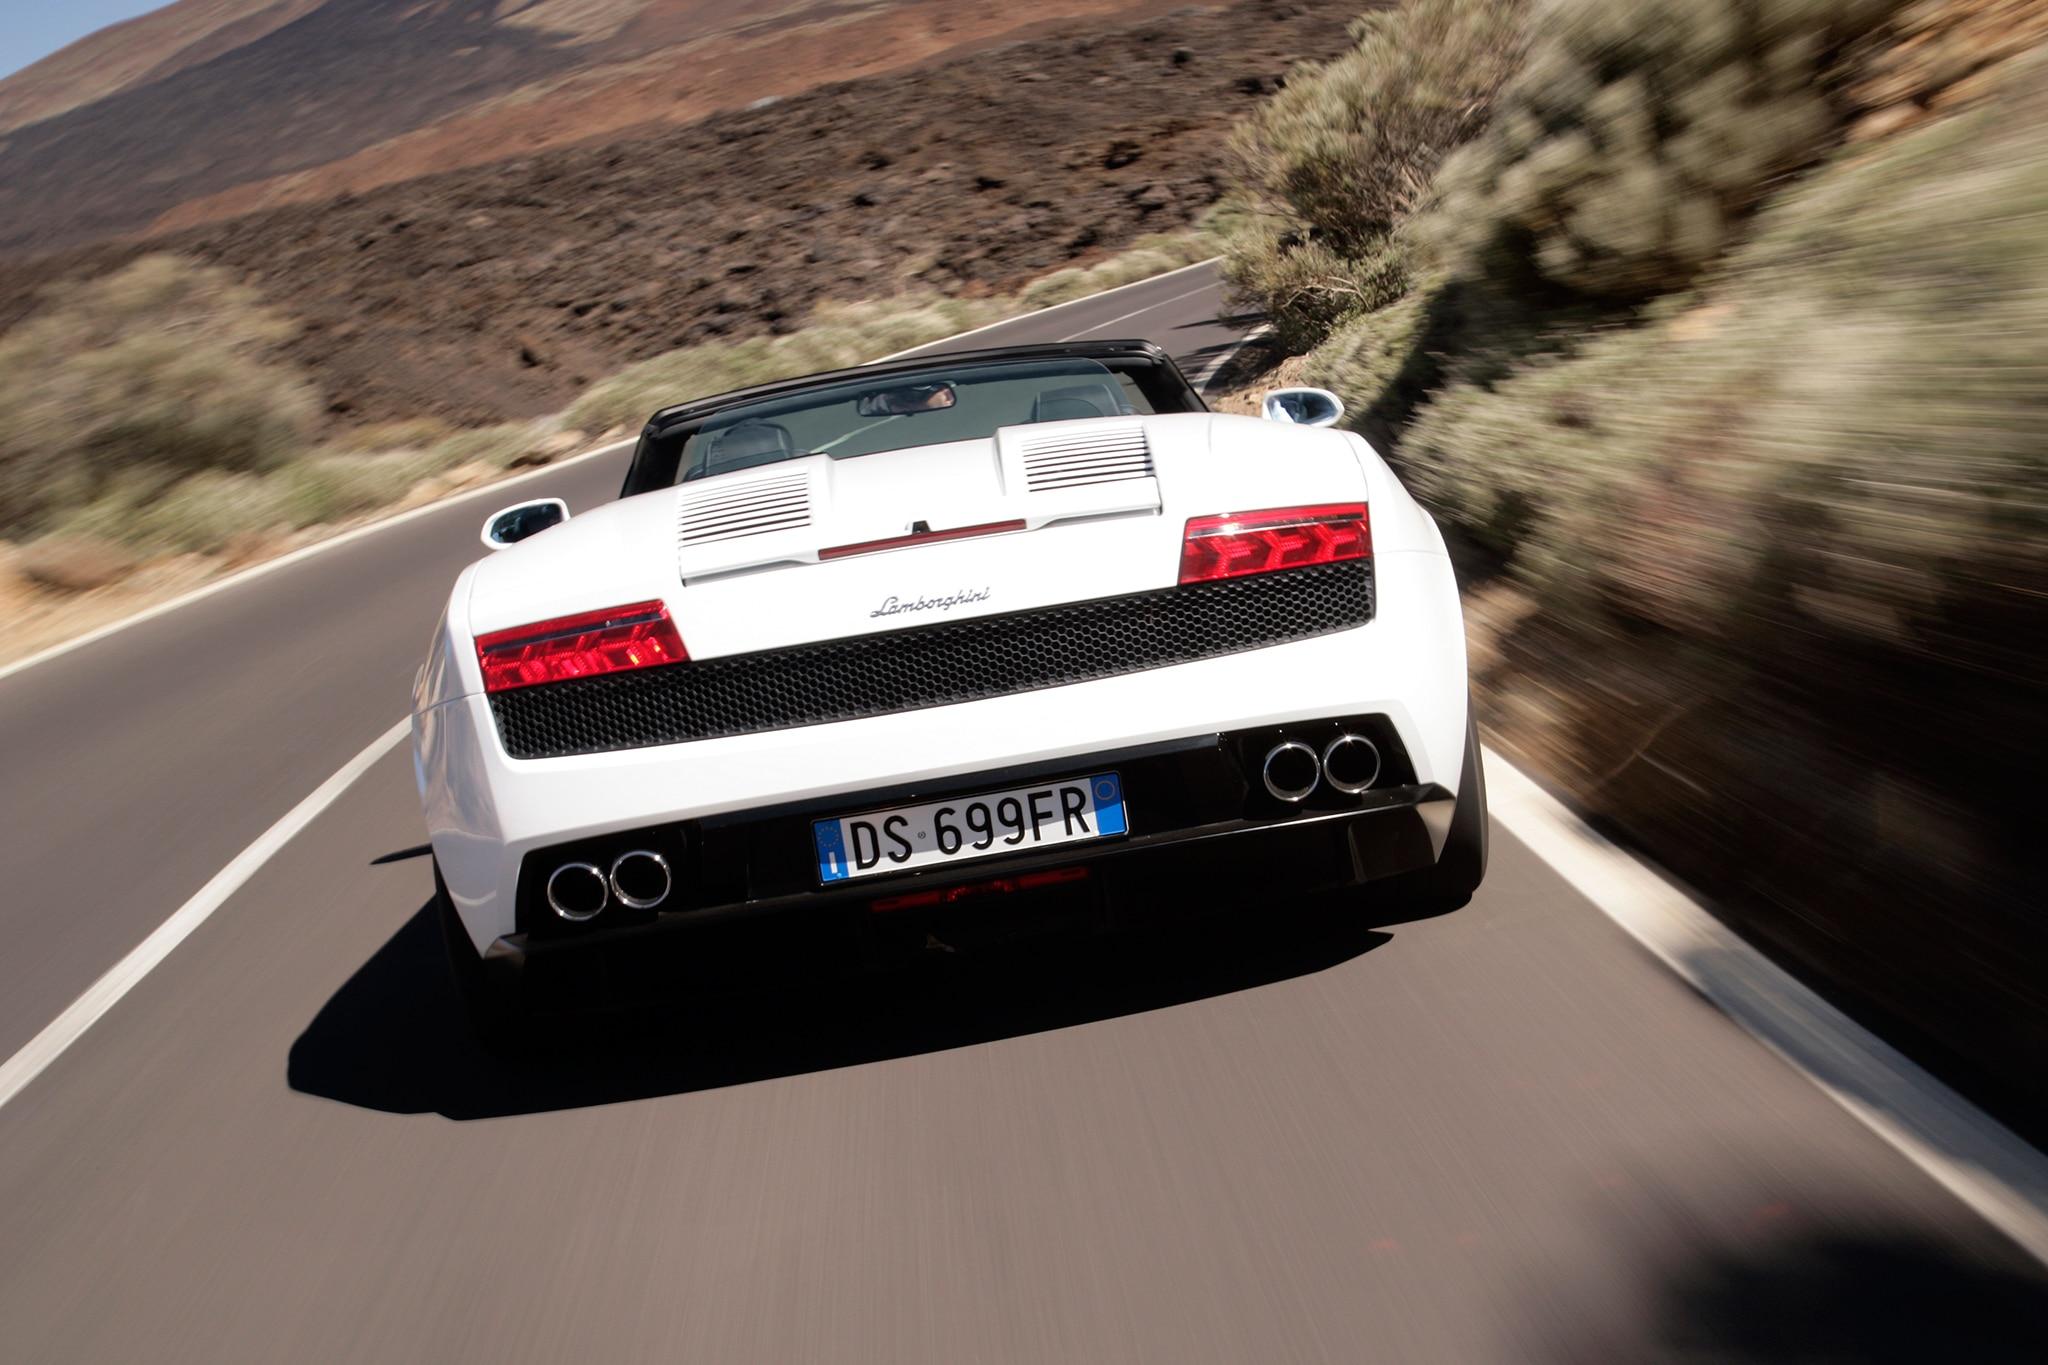 2014 Lamborghini Gallardo LP 560 4 Spyder